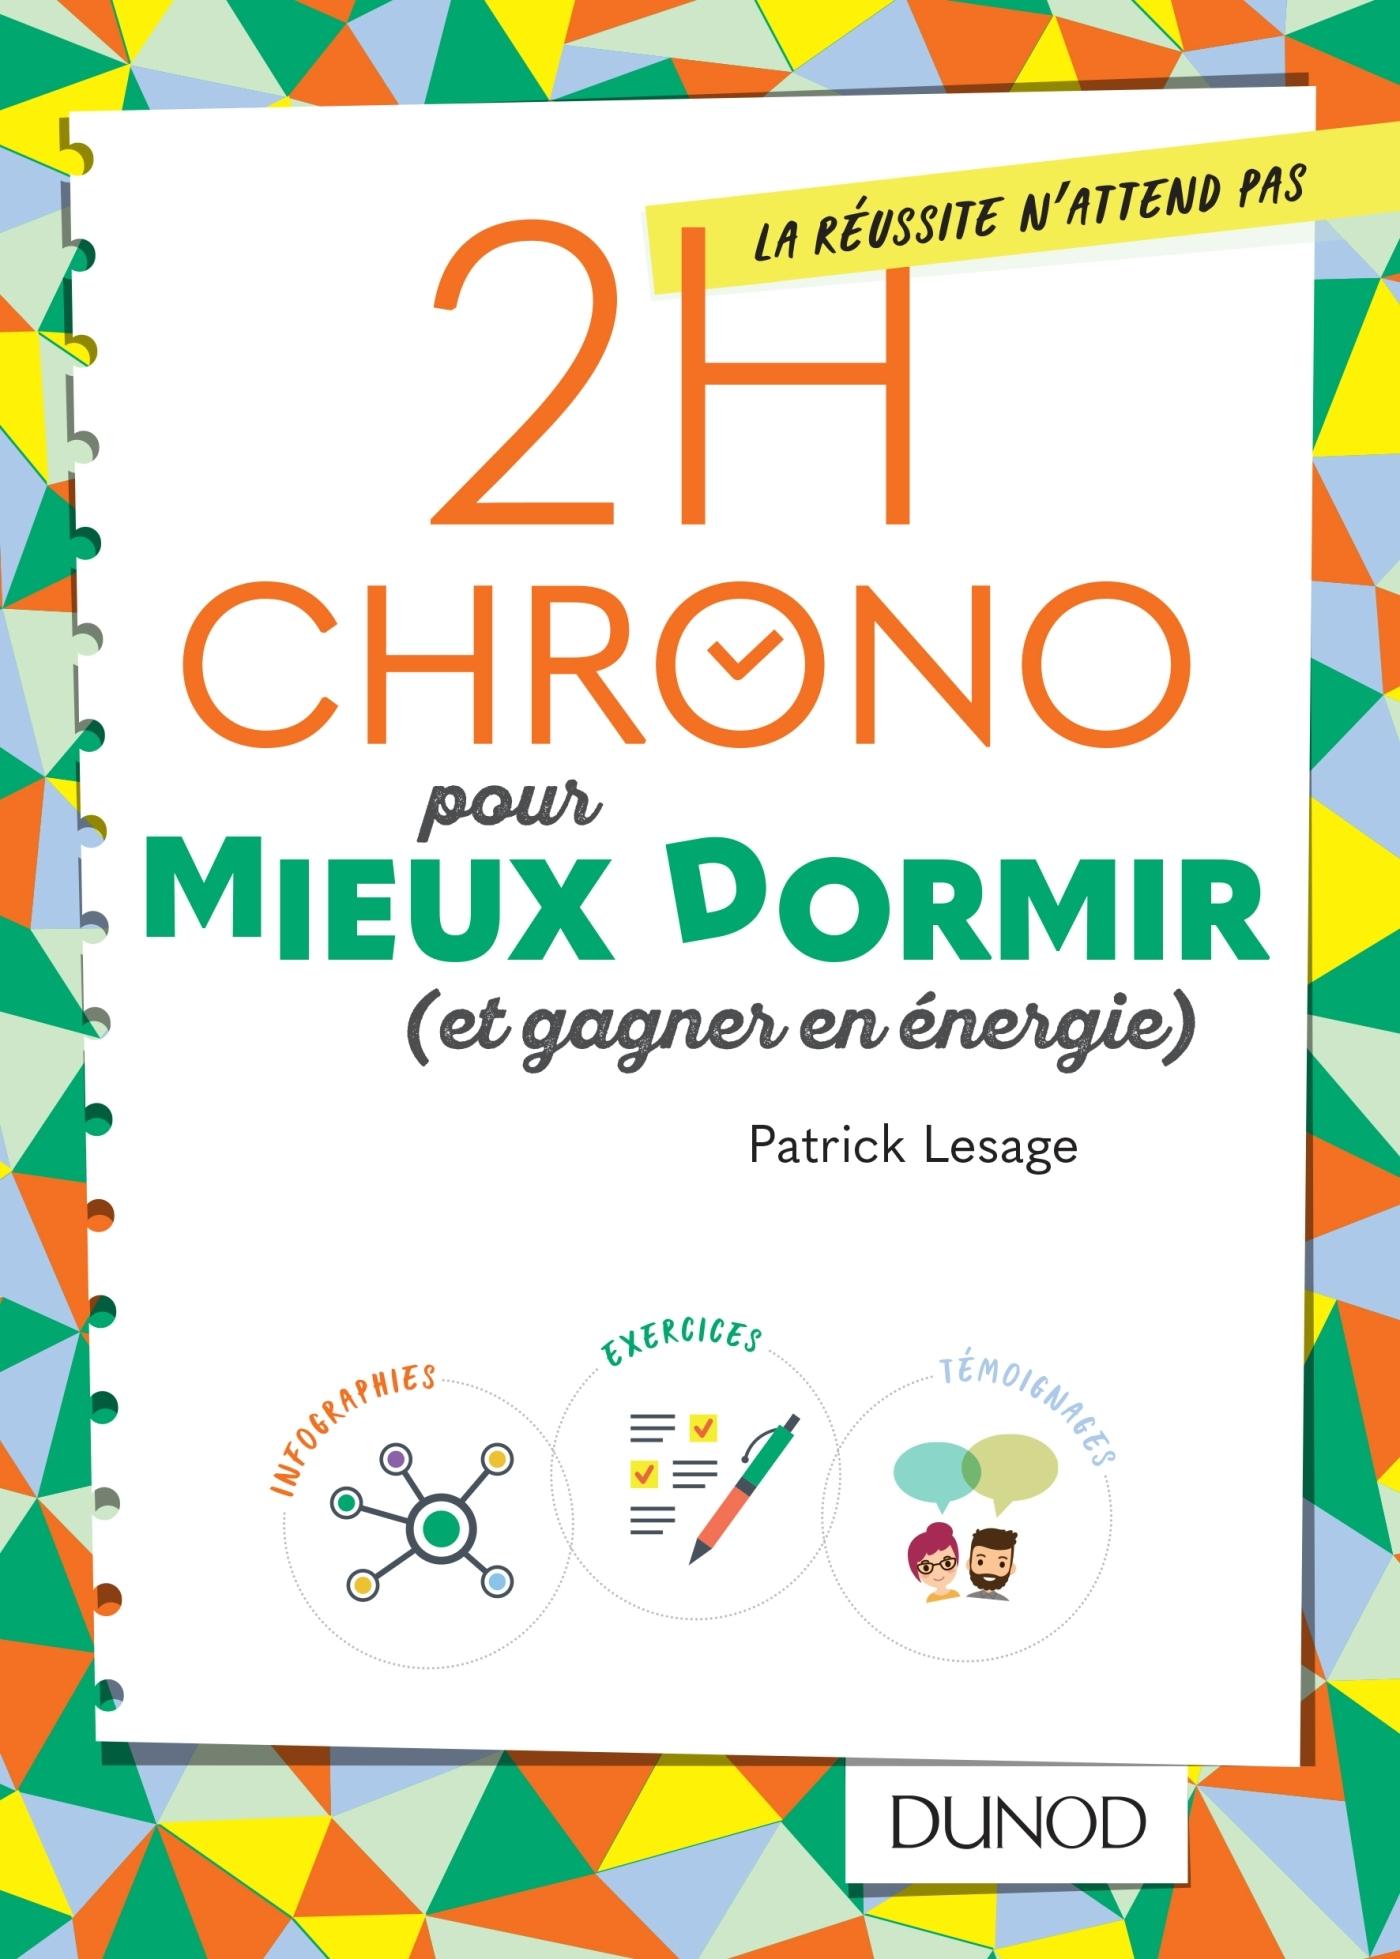 2H CHRONO POUR MIEUX DORMIR (ET GAGNER EN ENERGIE)